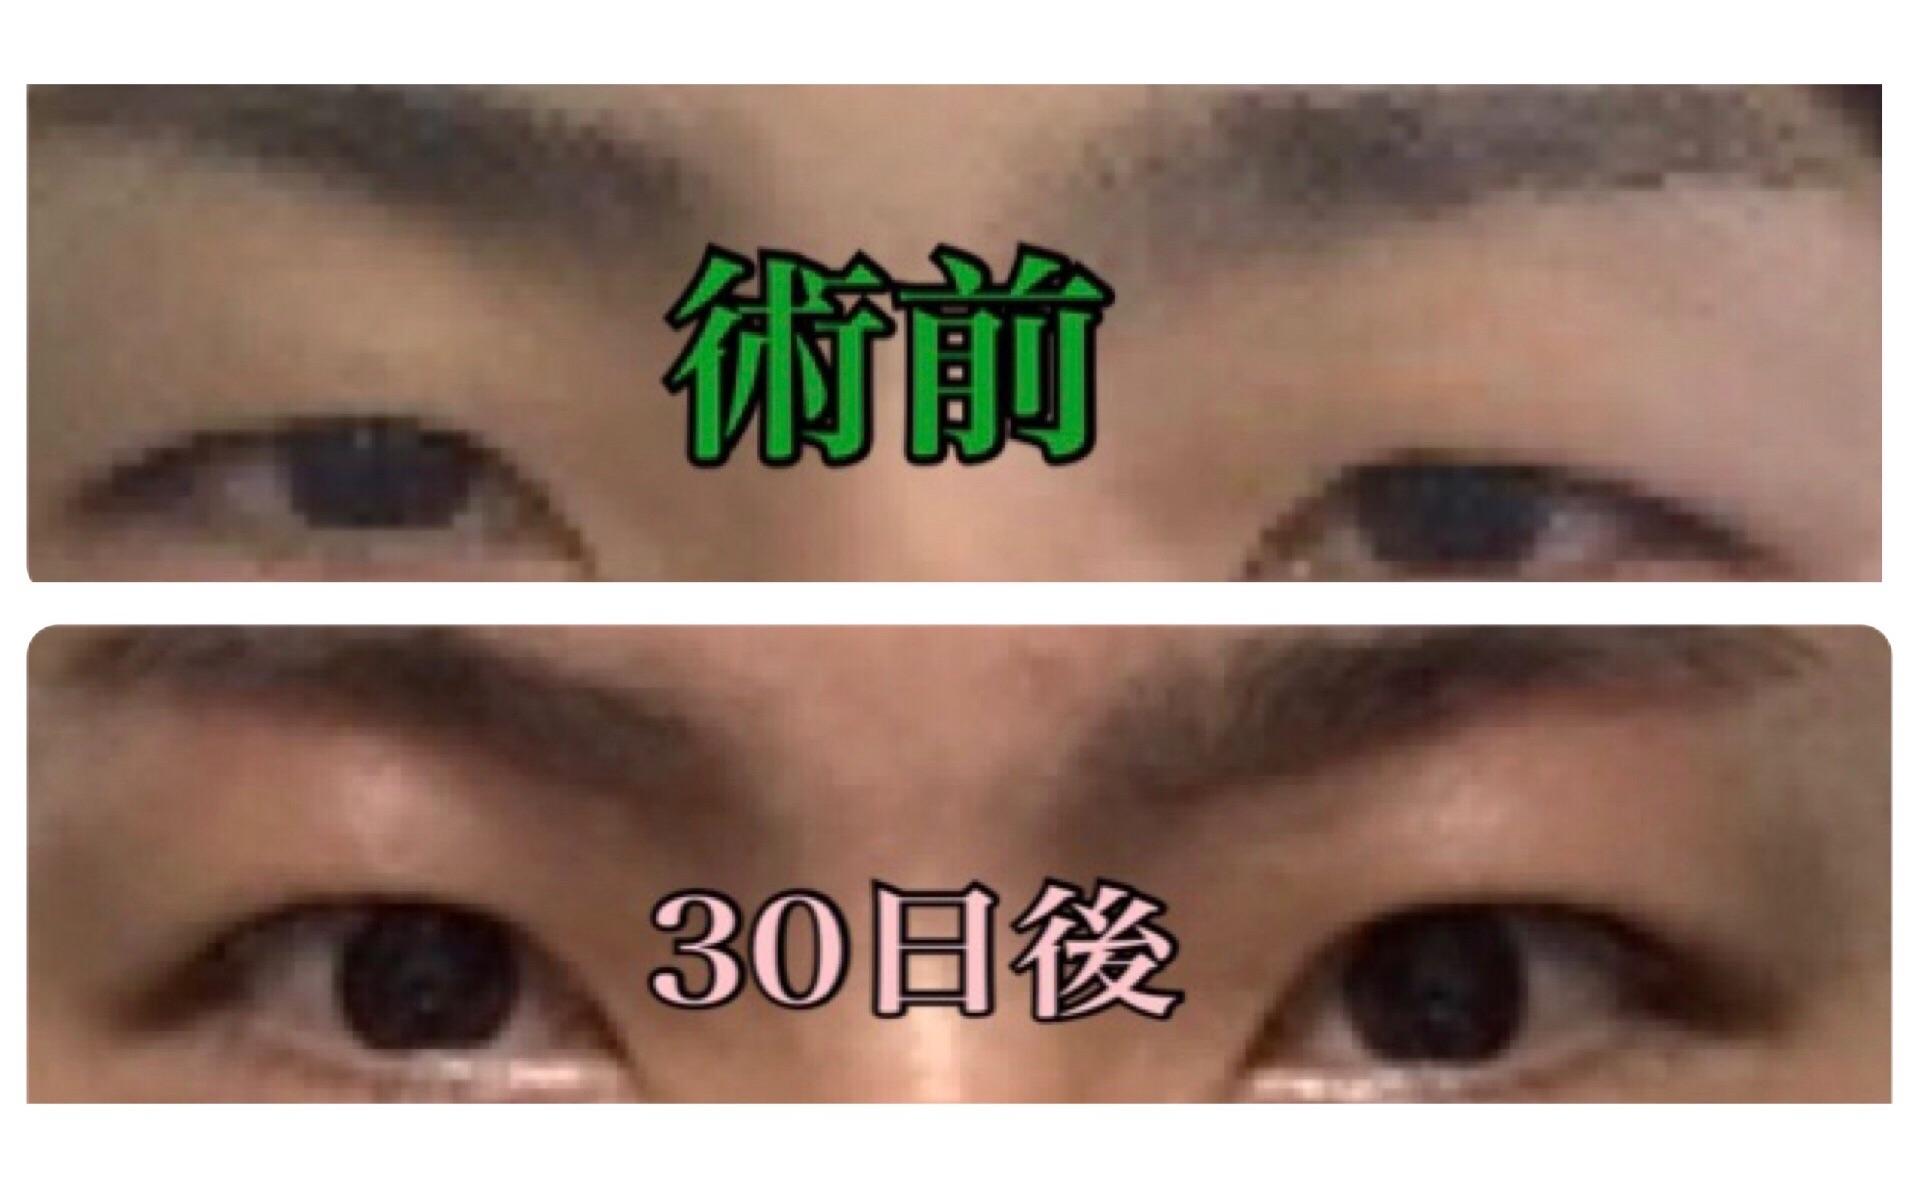 f:id:renji_tiger:20181117234732j:image